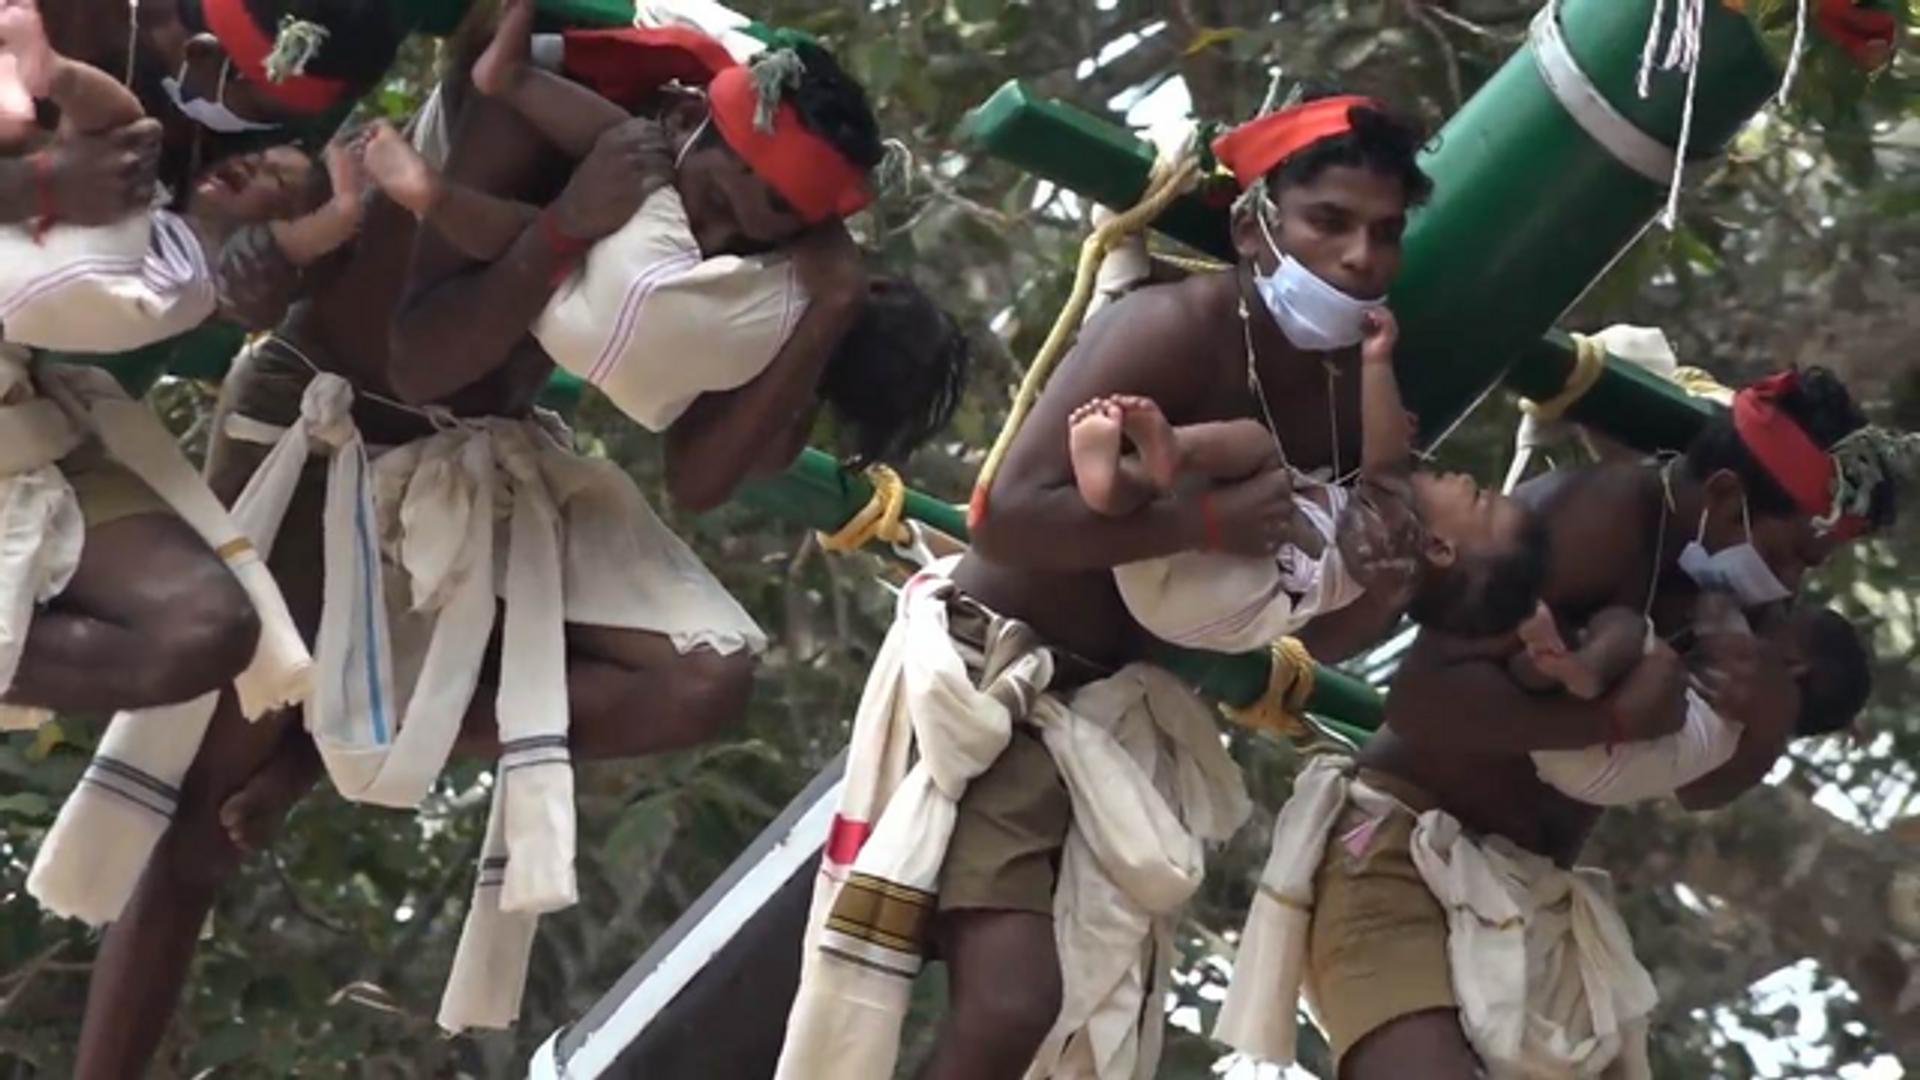 Devotos levantan bebés a 12 metros del suelo durante un festival en la India - Sputnik Mundo, 1920, 19.03.2021